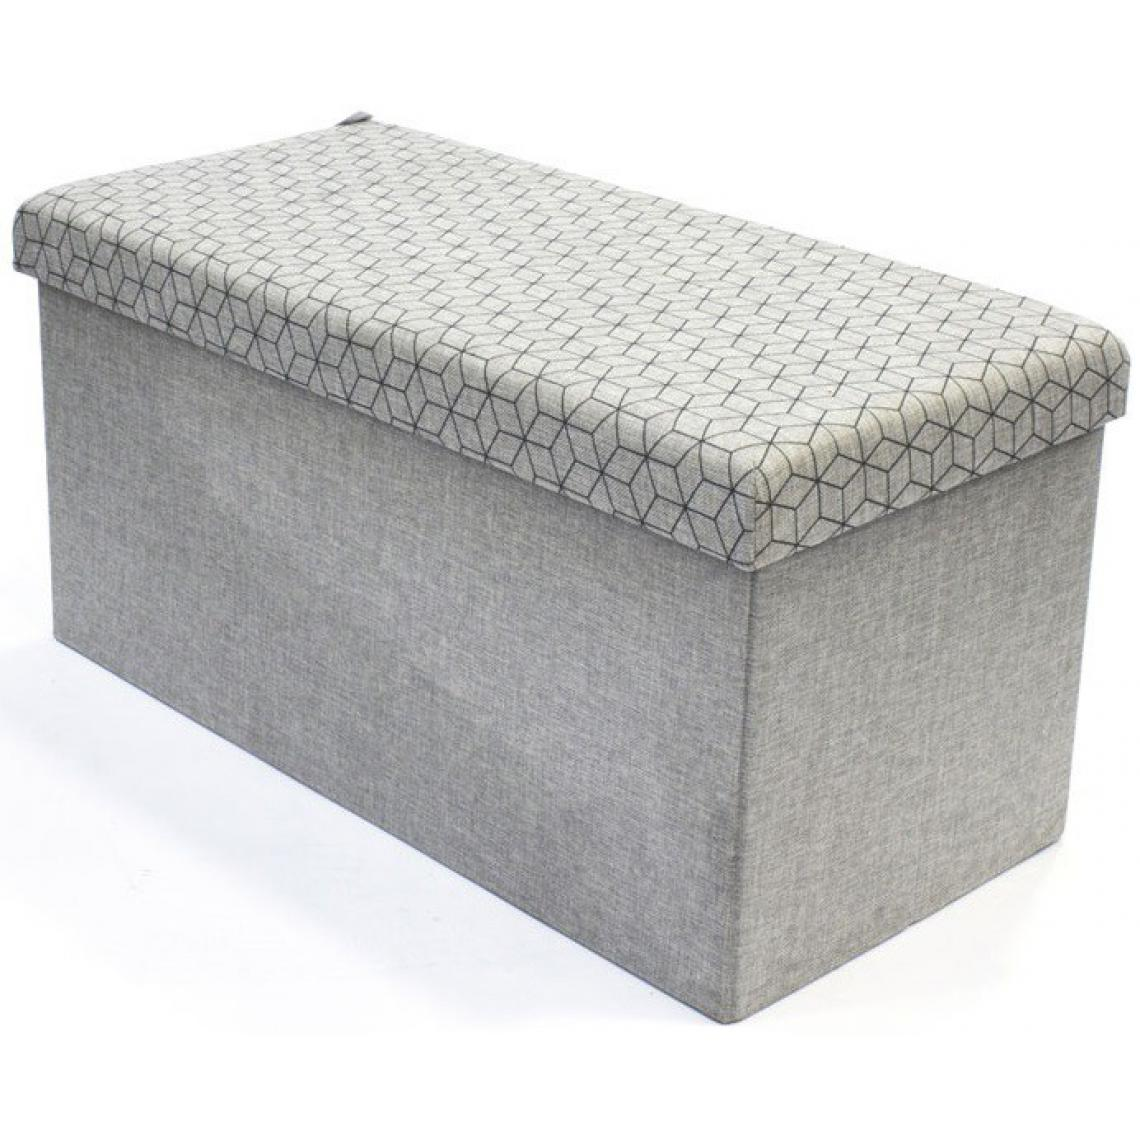 acheter populaire e2a2a 34f29 Coffre rangement banc pliable gris losange CHRONOS | 3 SUISSES